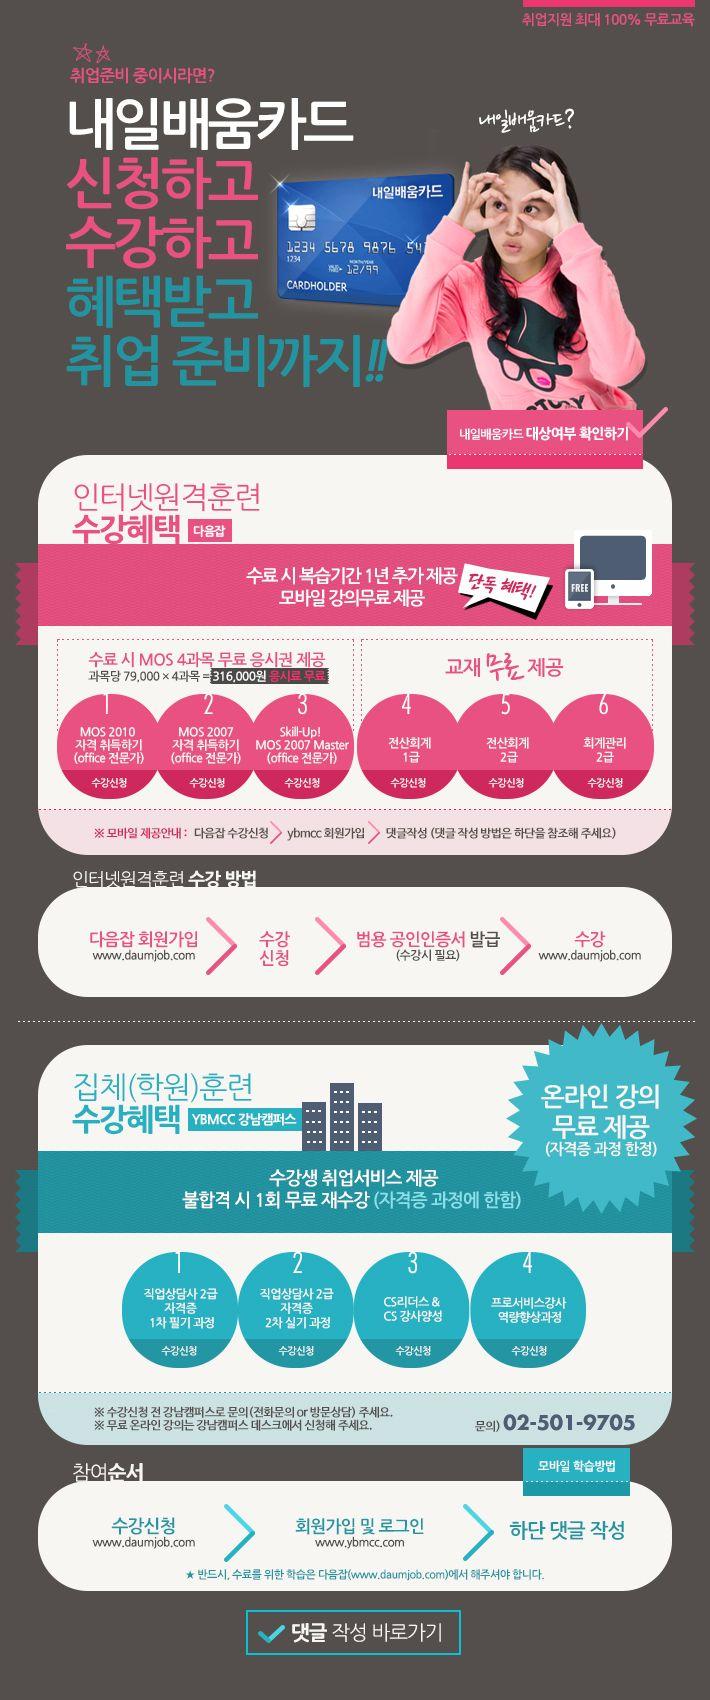 [YBMCC] 내일배움카드 발급이벤트 (신정은)